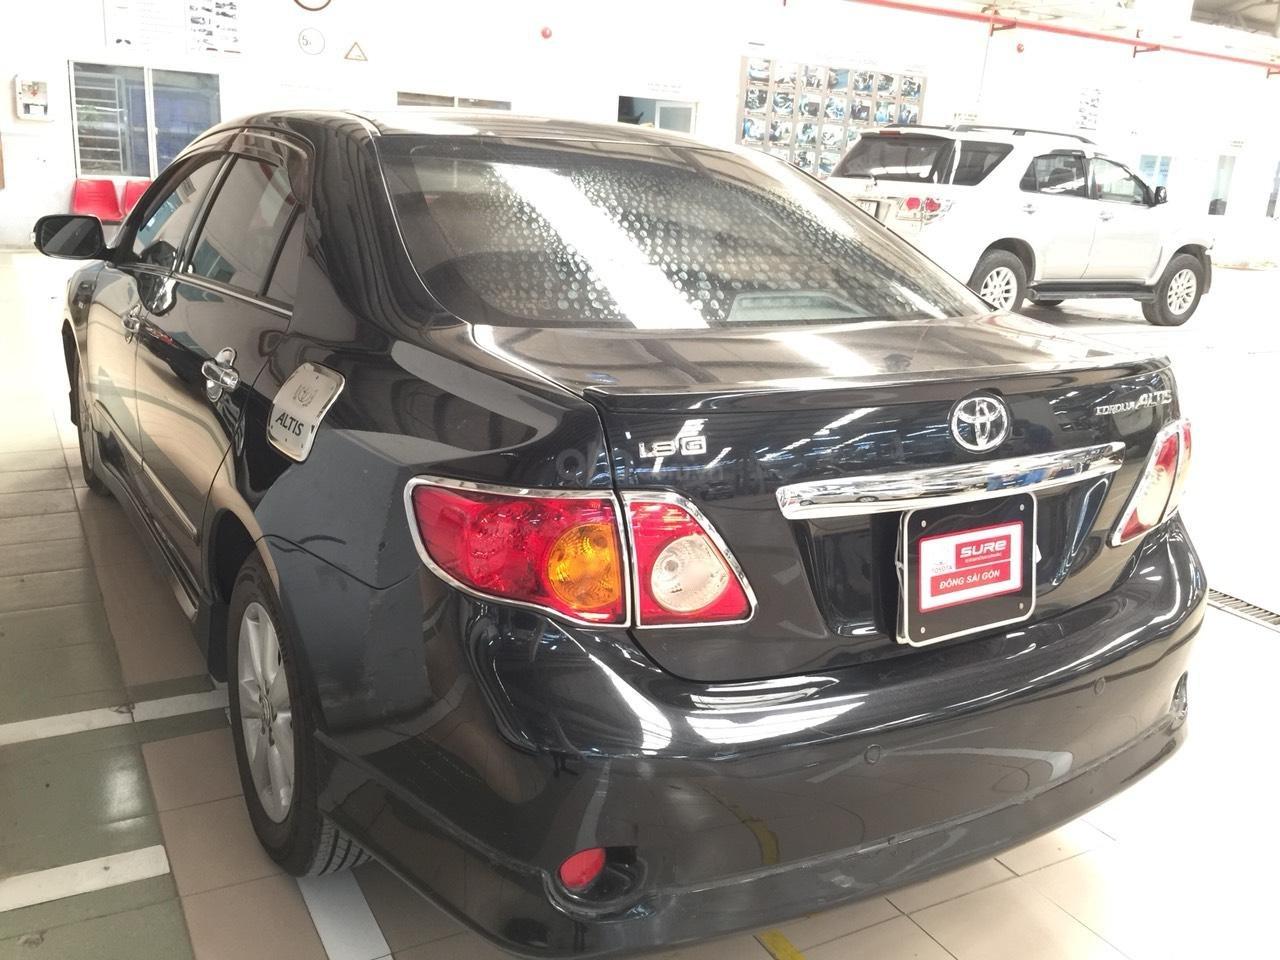 Altis 2009 màu đen, giá cả bình dân, giá còn thương lượng, alo em để xem xe nha (7)